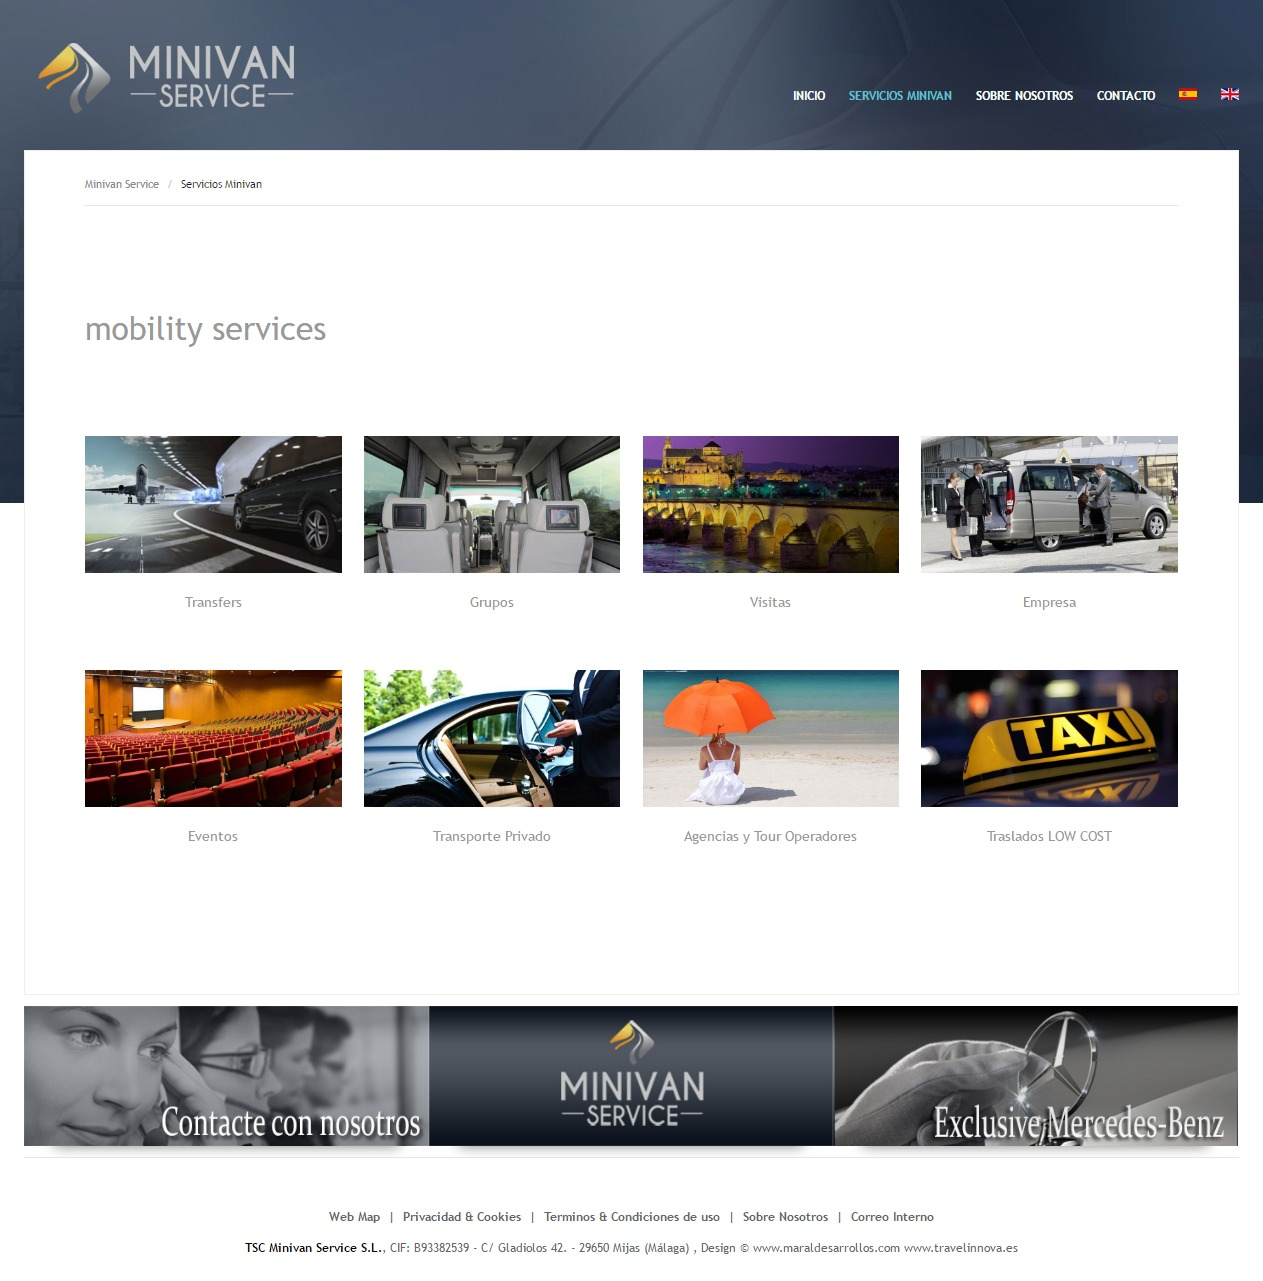 002-tsc-minivan-service